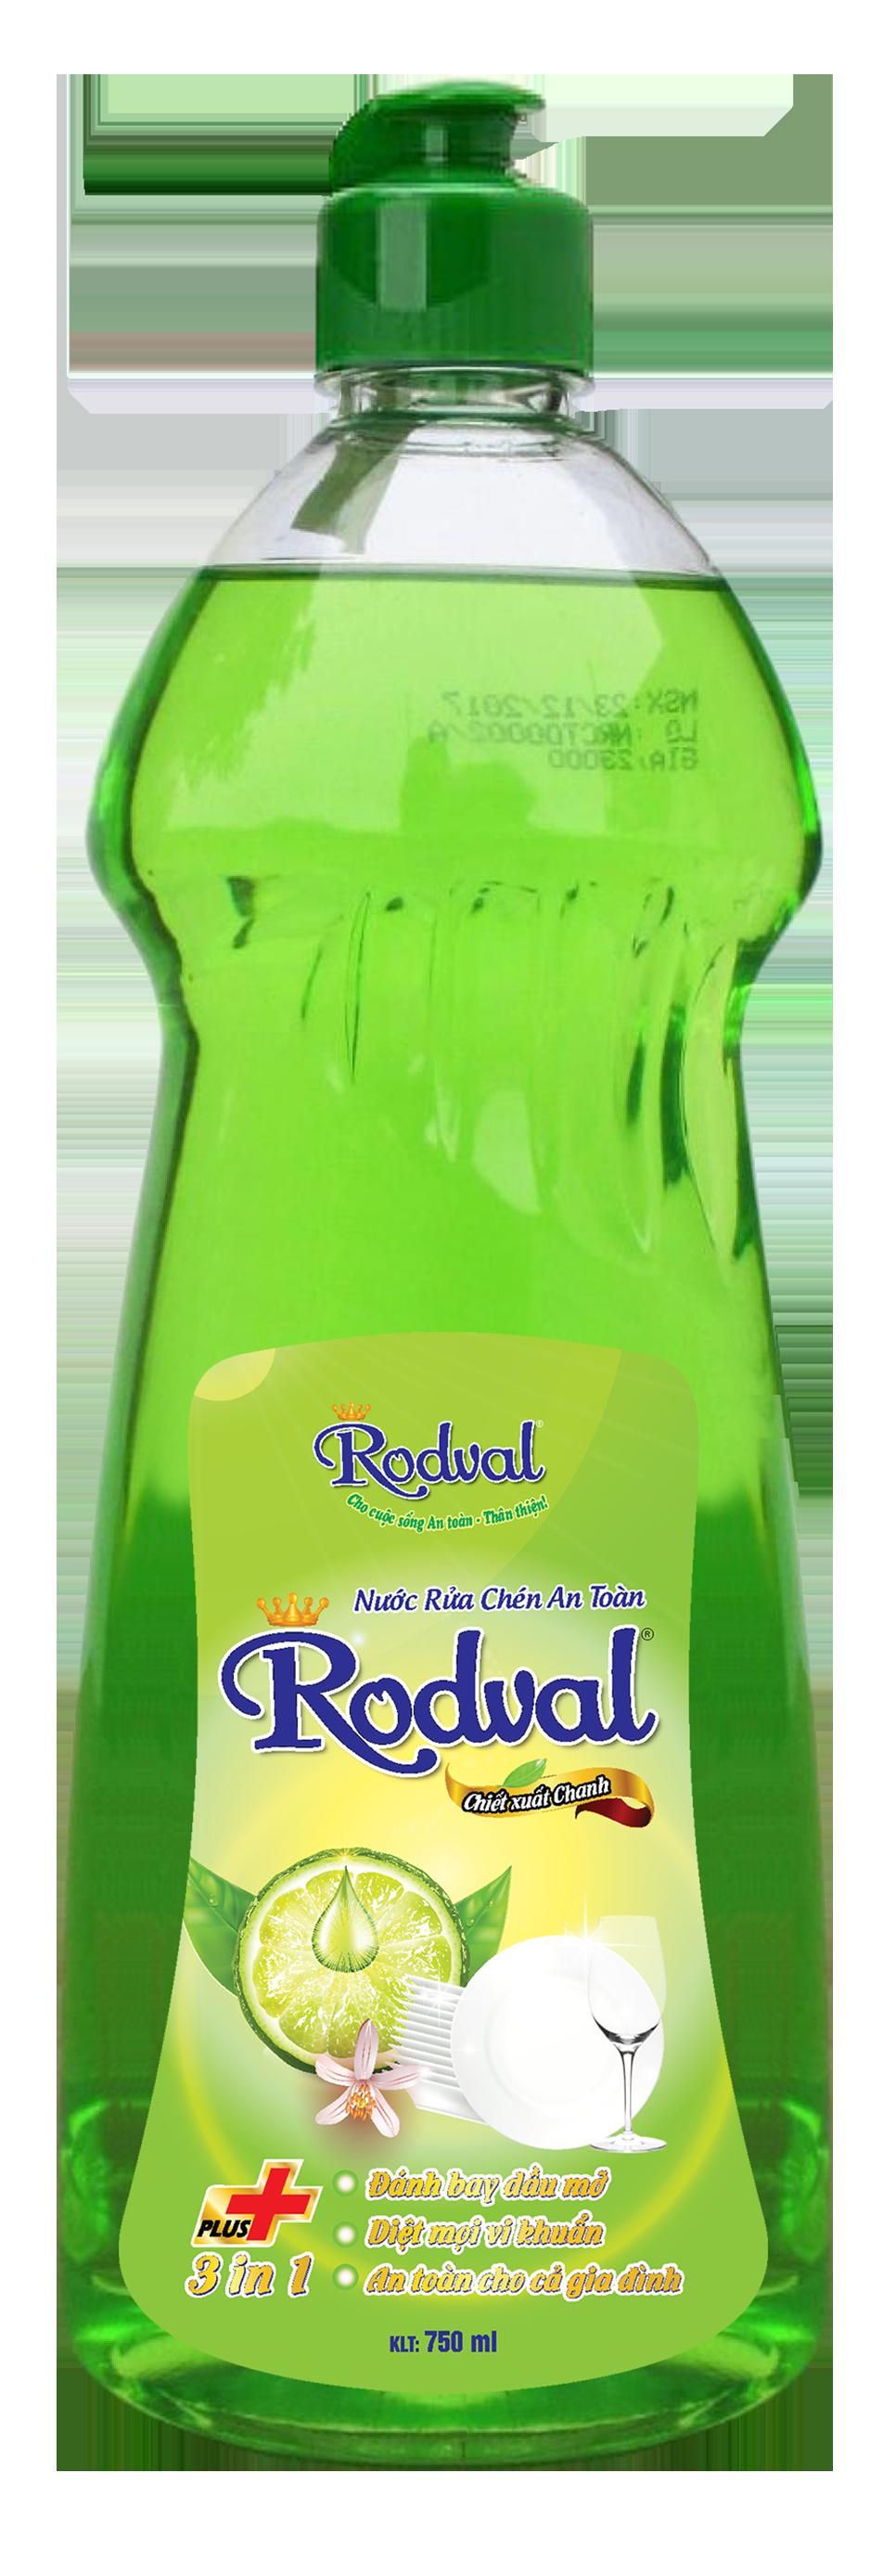 Nước rửa chén Rodval hương chanh 750ml